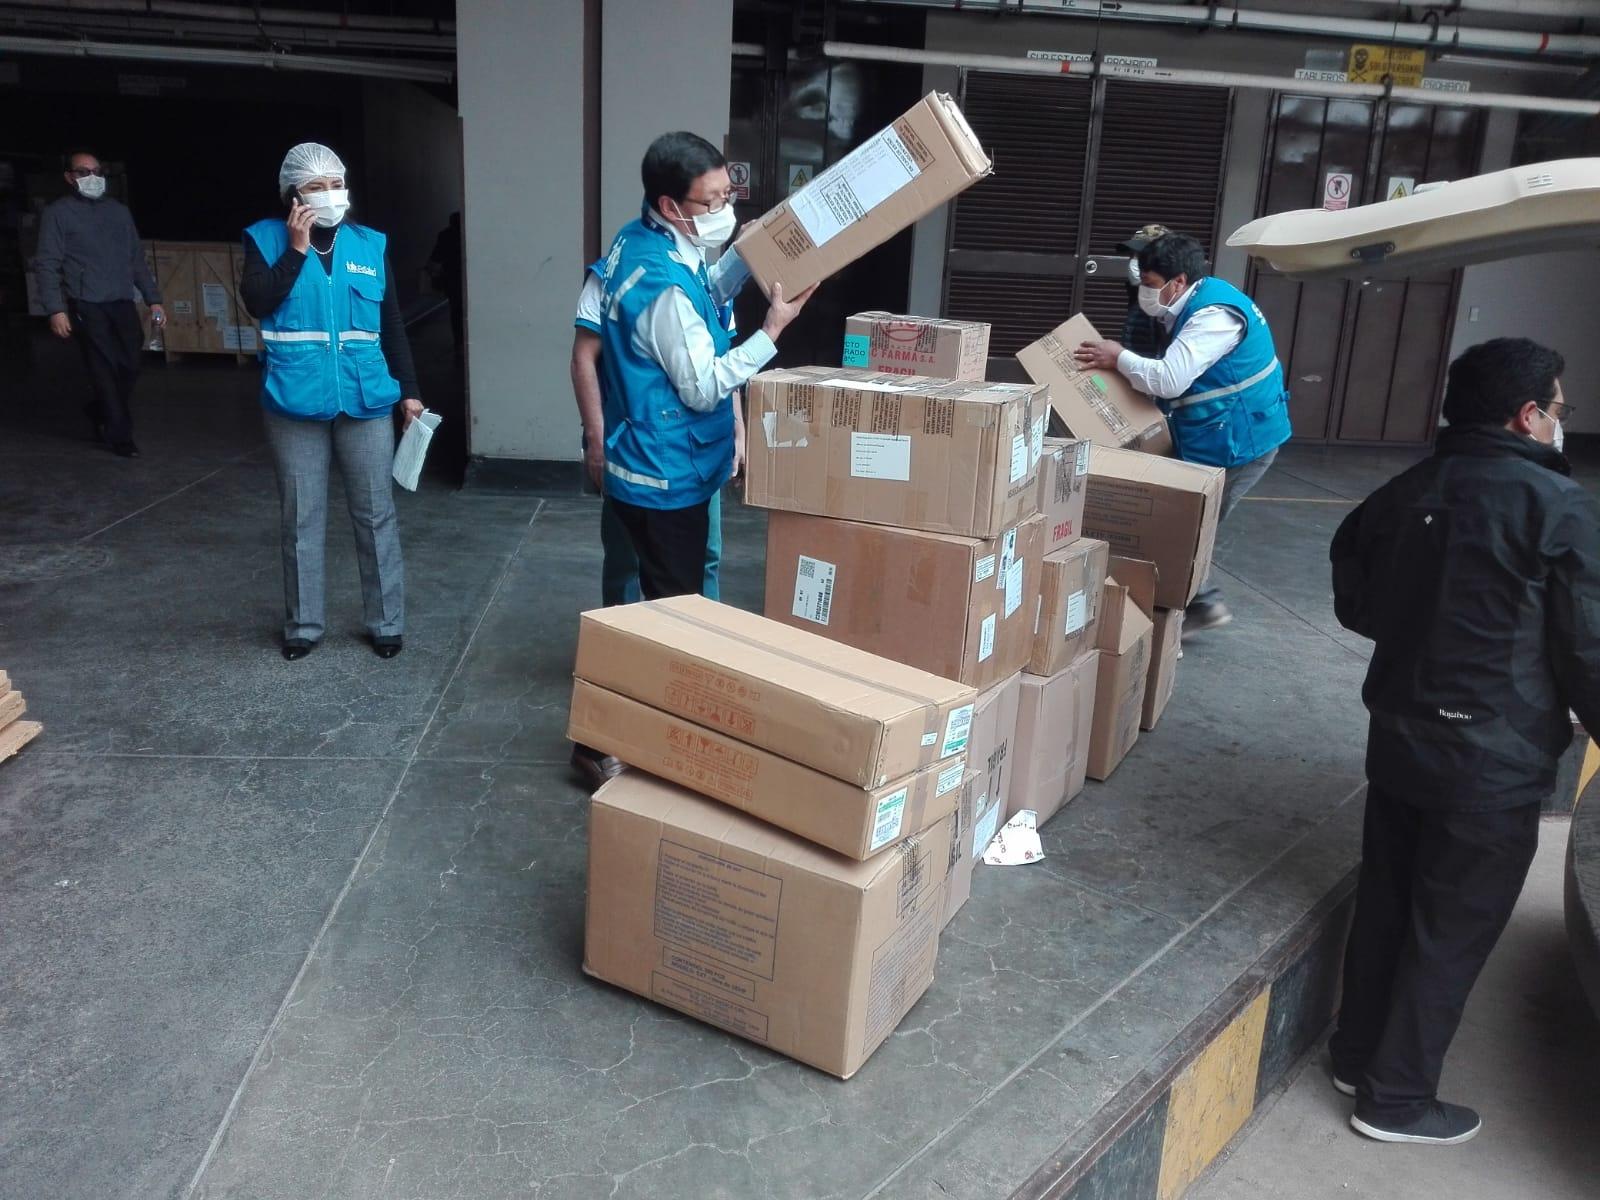 Essalud - EsSalud Cusco recibió camillas hospitalarias, medicamentos y equipos de protección